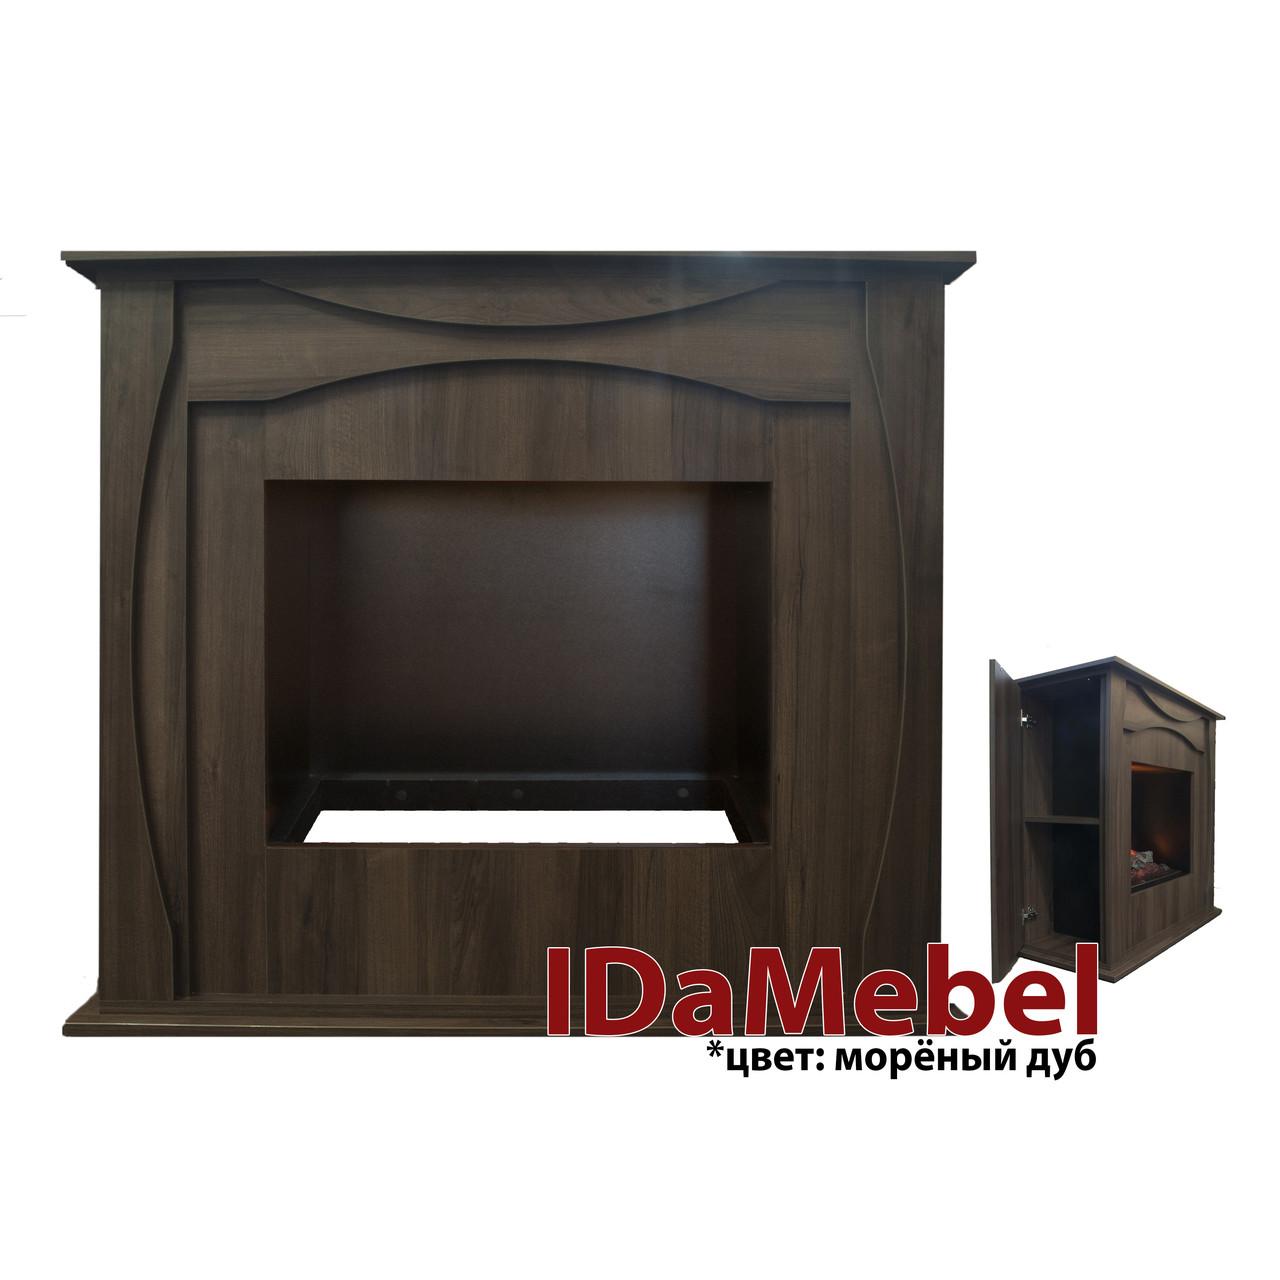 Камин портал для электрокамина DIMPLEX IDaMebel Denpasar (портал без очага индивидуальный заказ)